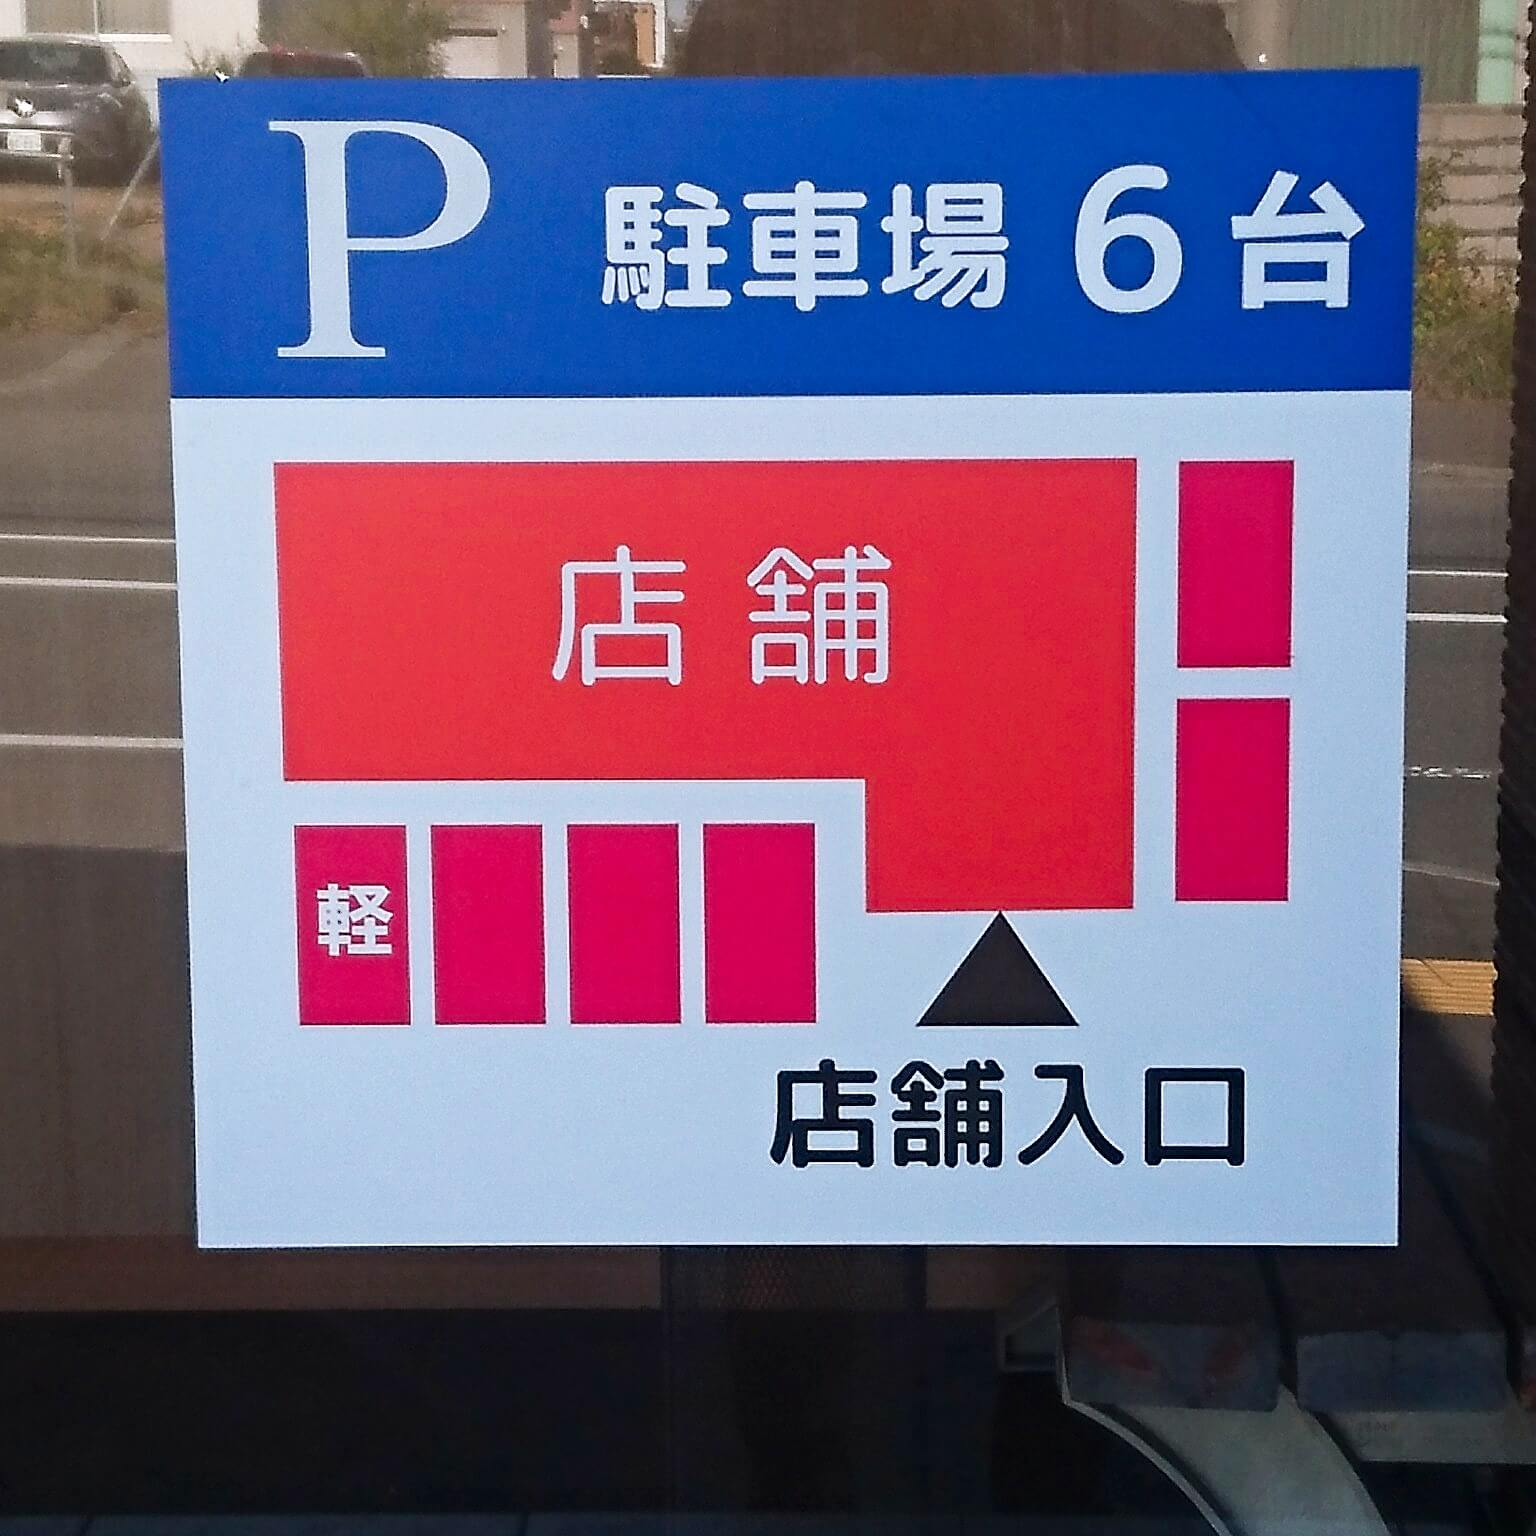 RS 改 駐車場図